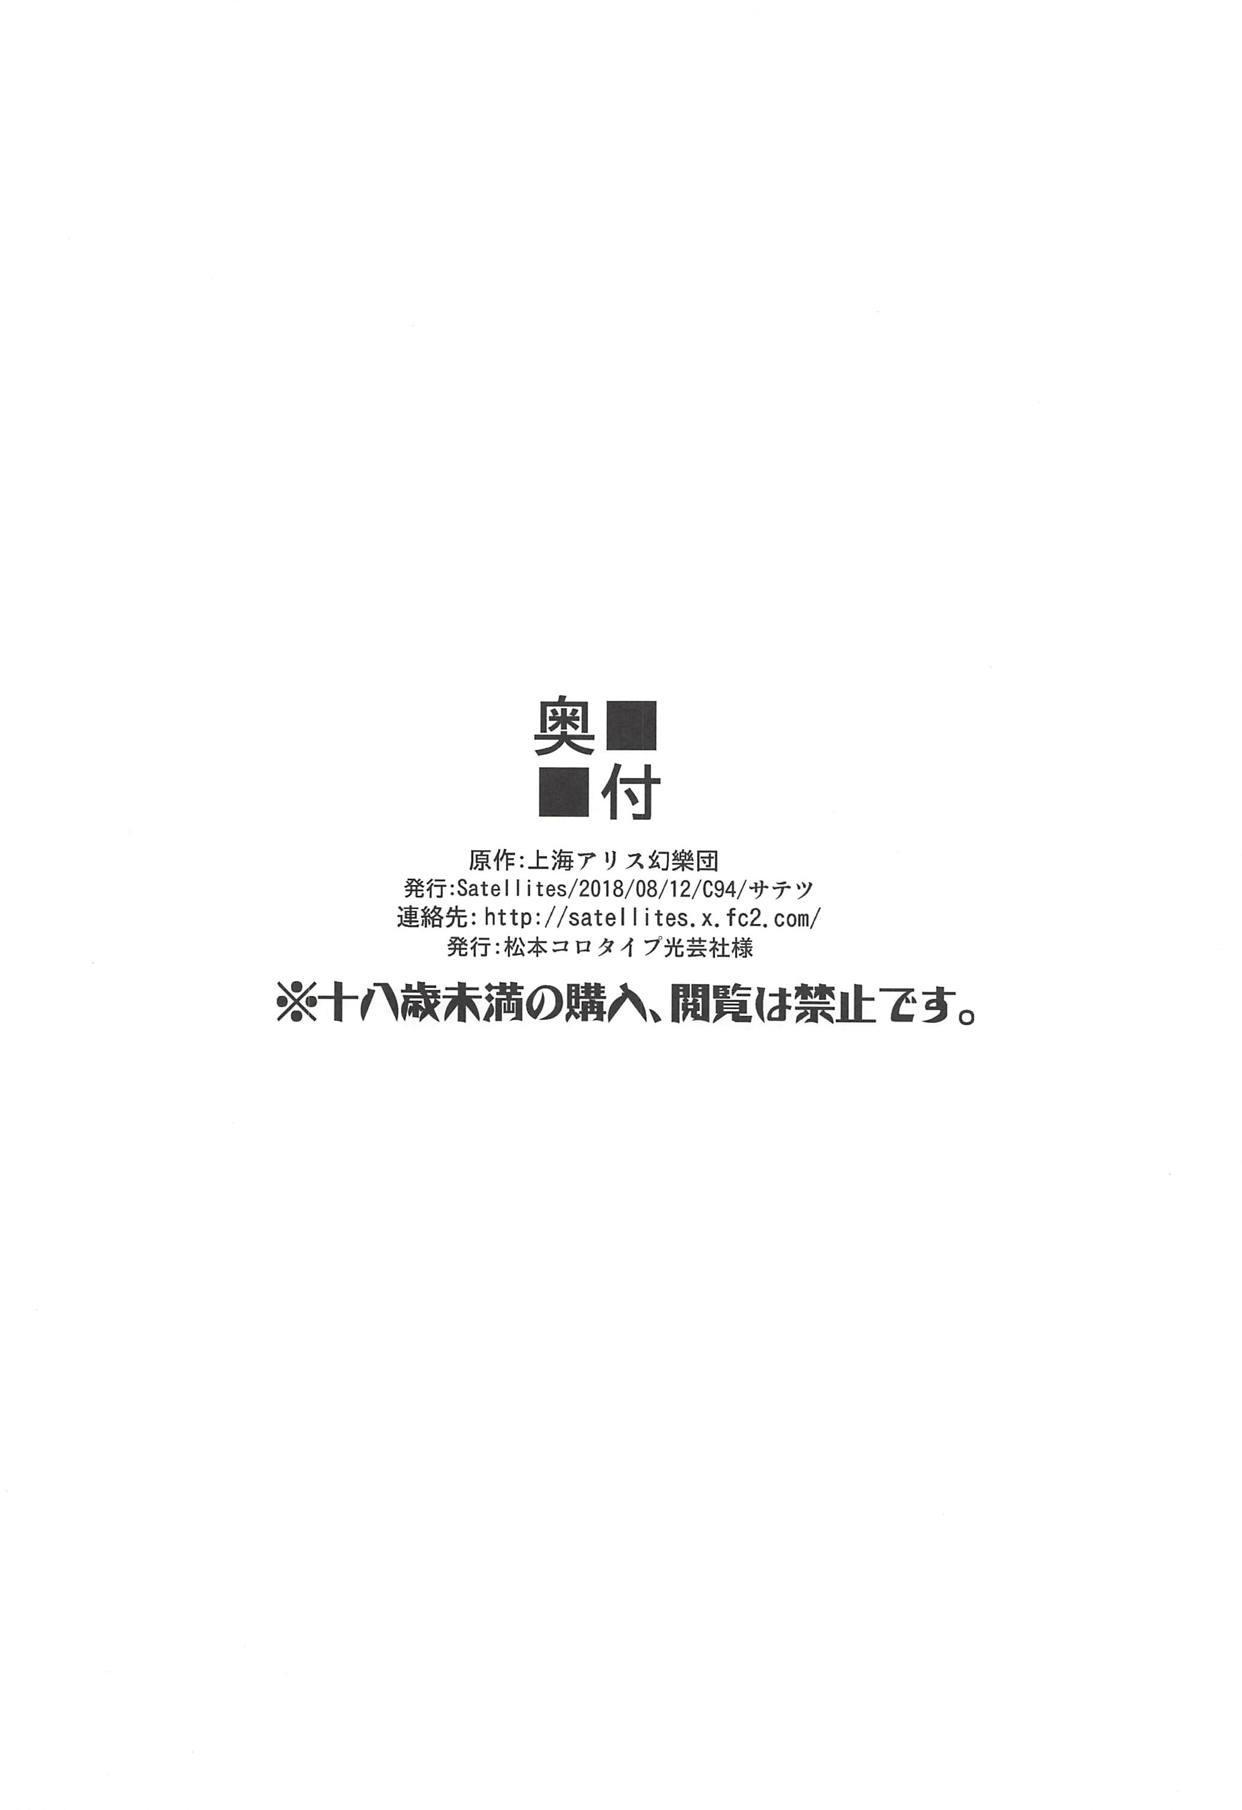 Satori-sama Generation 20